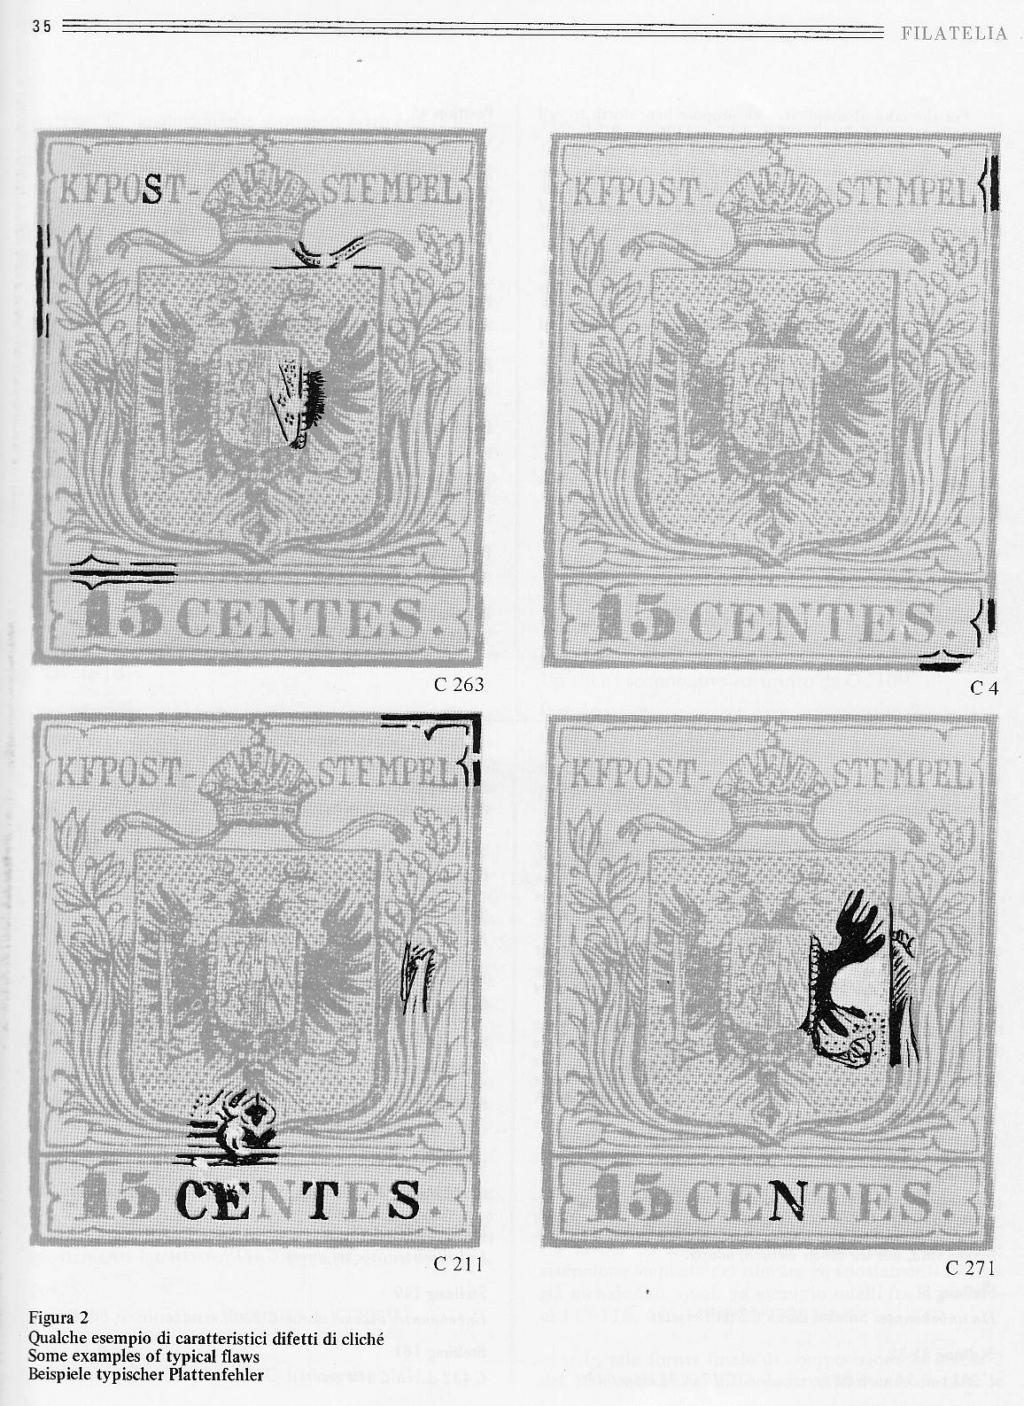 Die Plattenfehler der 15 C Ty I und IIa Pagina10